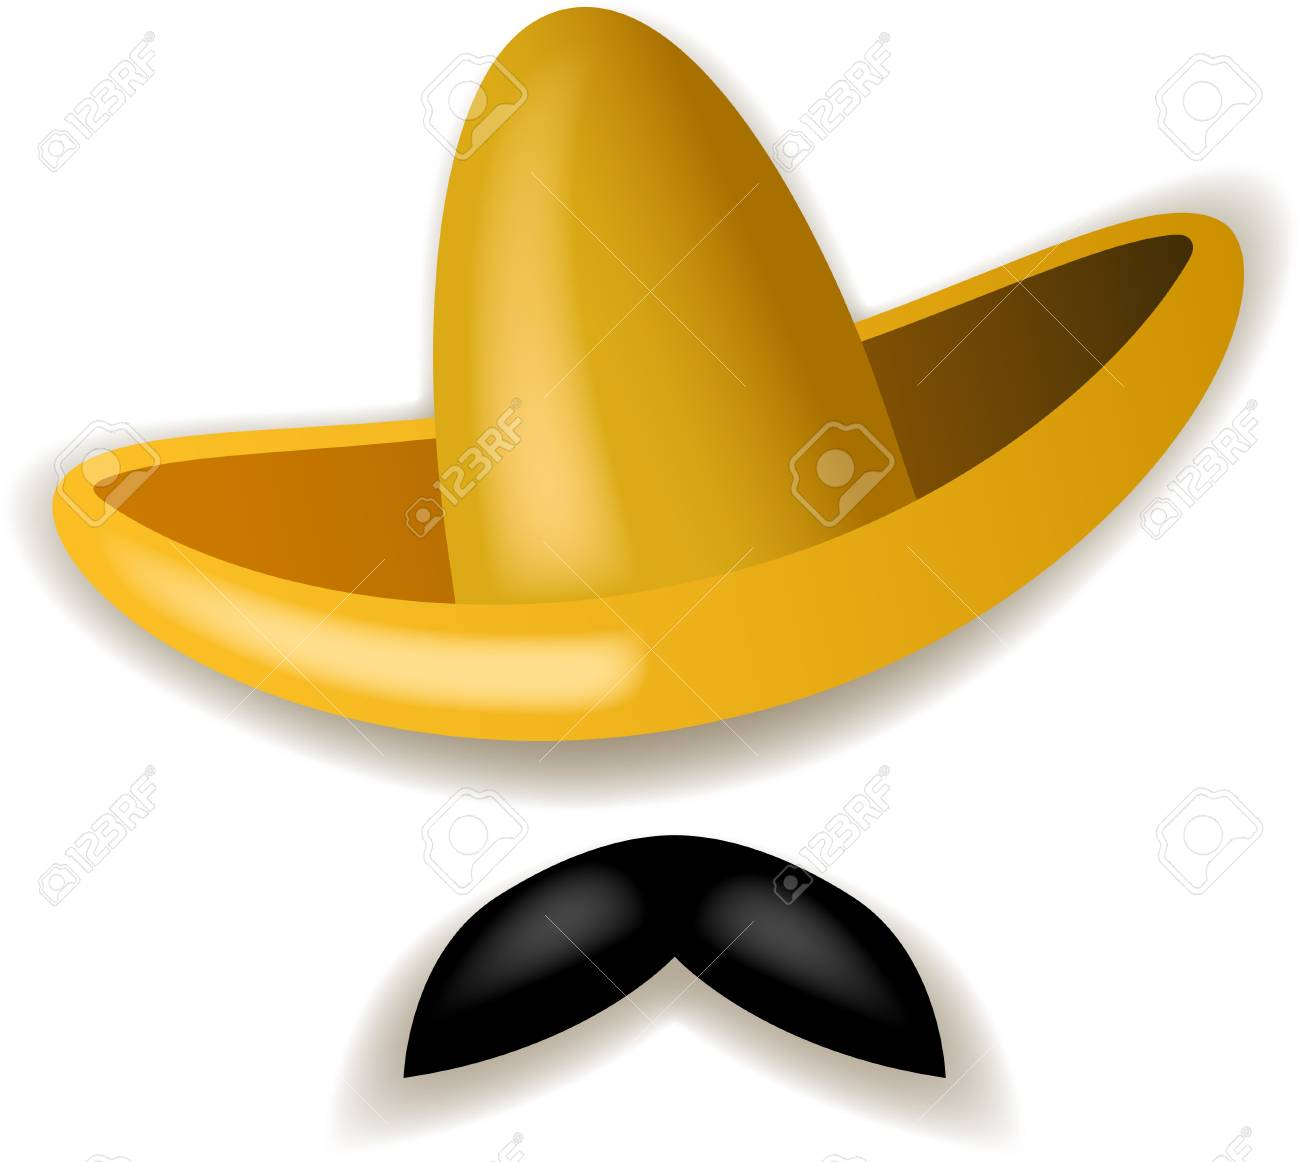 Foto de archivo - Ilustración del sombrero amarillo y del bigote negro  aislado en el fondo blanco. 8b87ecce549